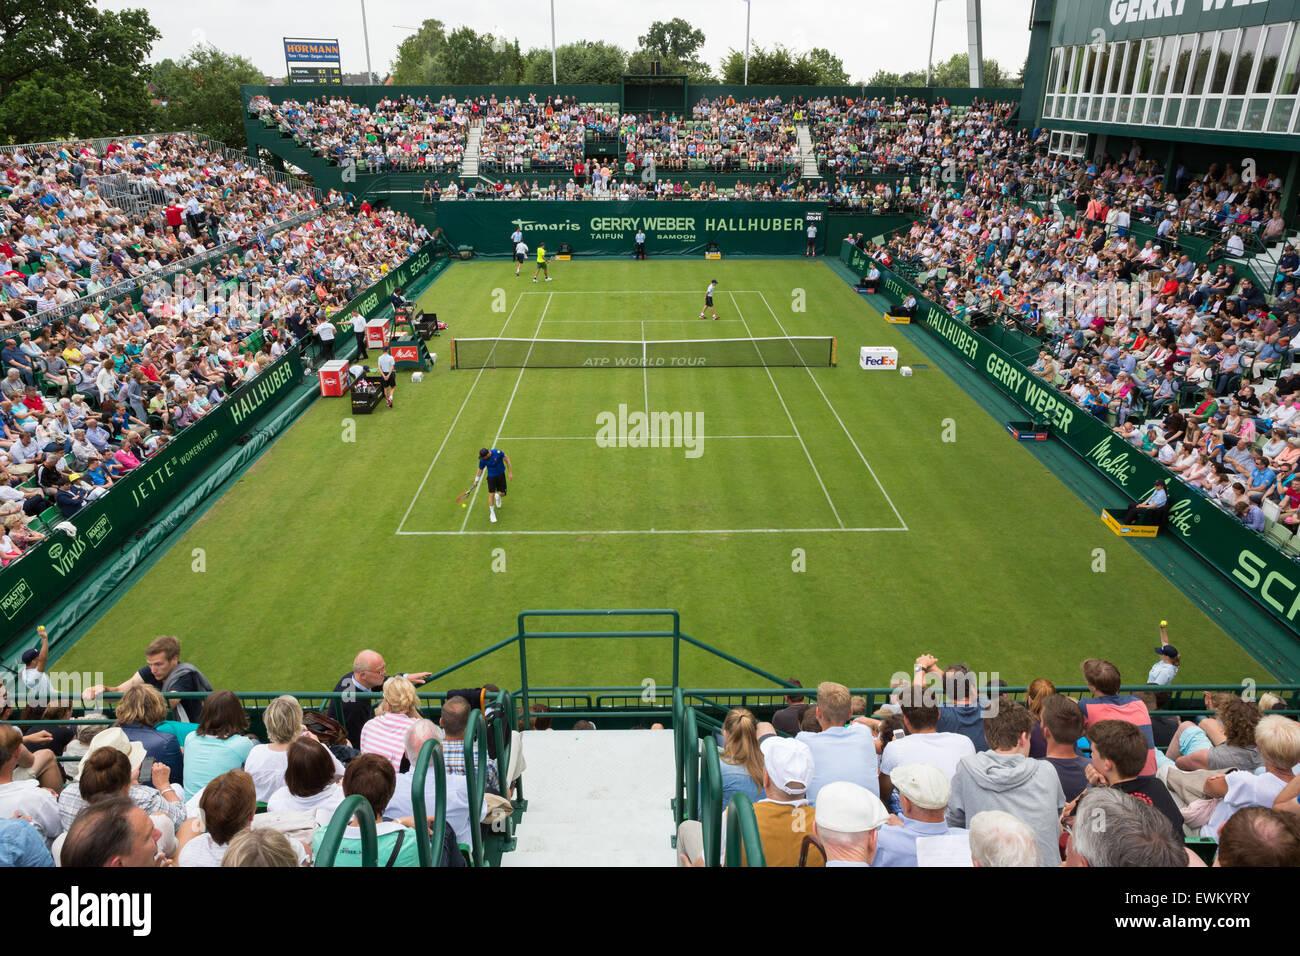 Un panier-numéro 1 cour dans les tours de qualification de l'ATP Gerry Weber Open Tennis Championships Photo Stock